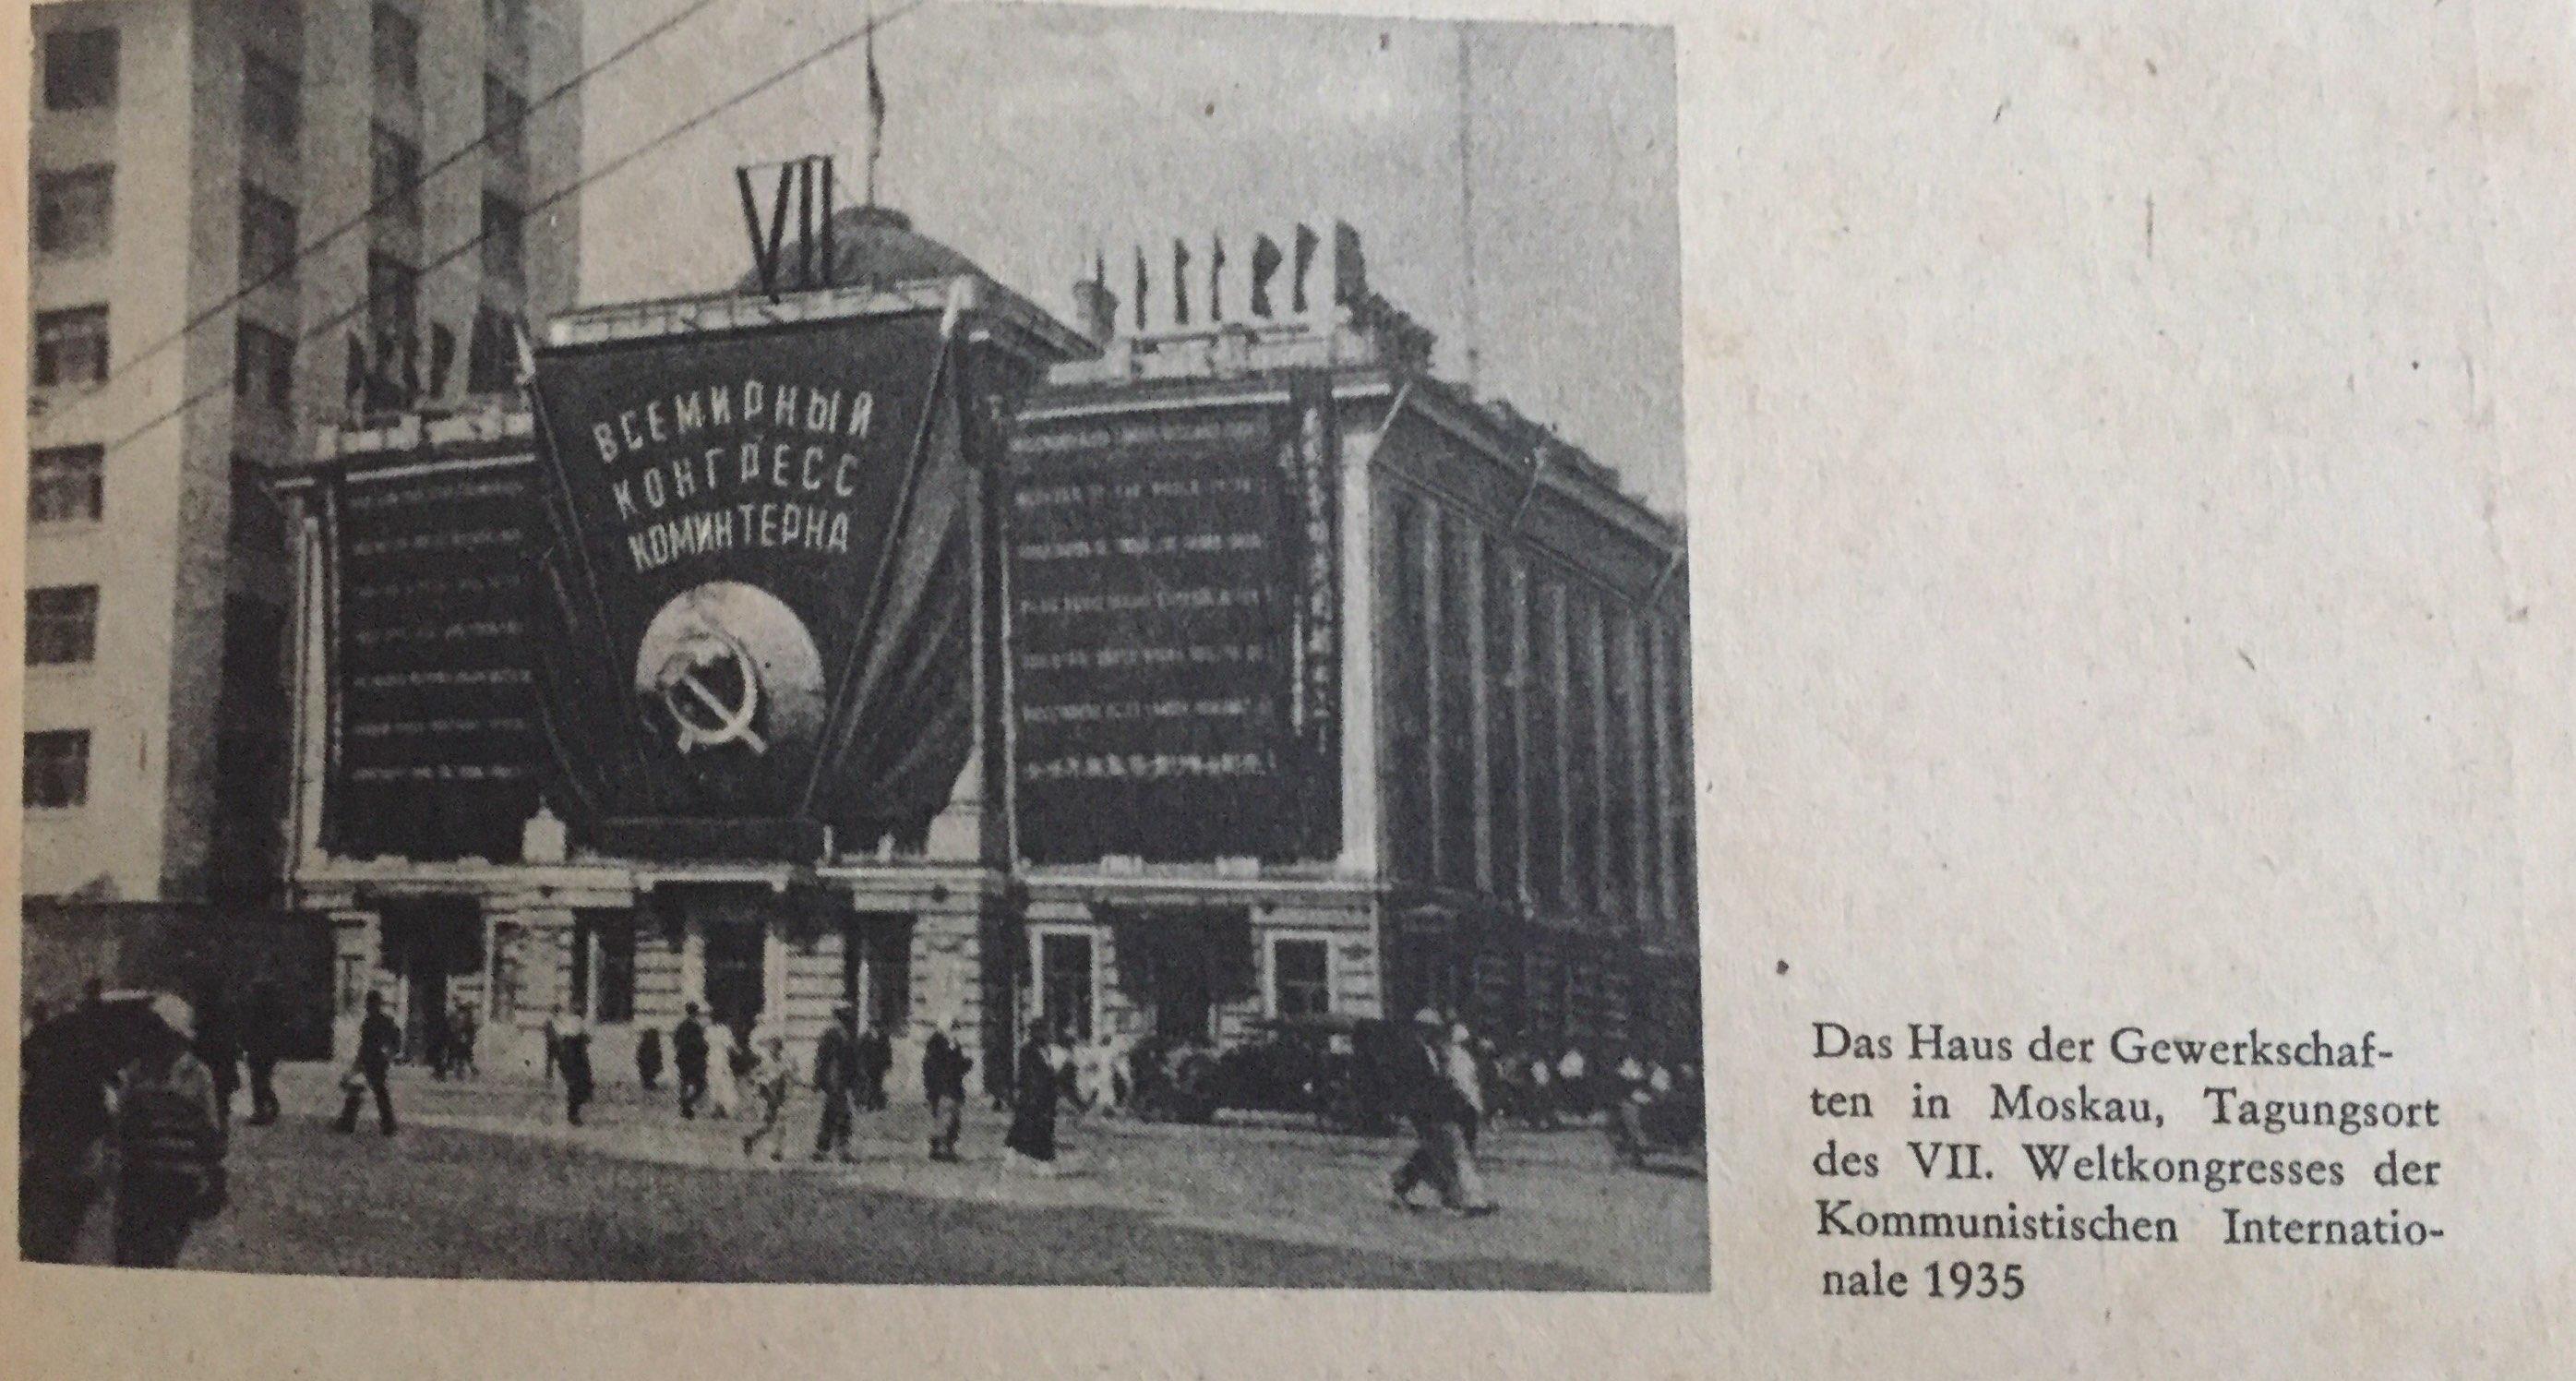 Haus der Gewerkschaften in Moskau